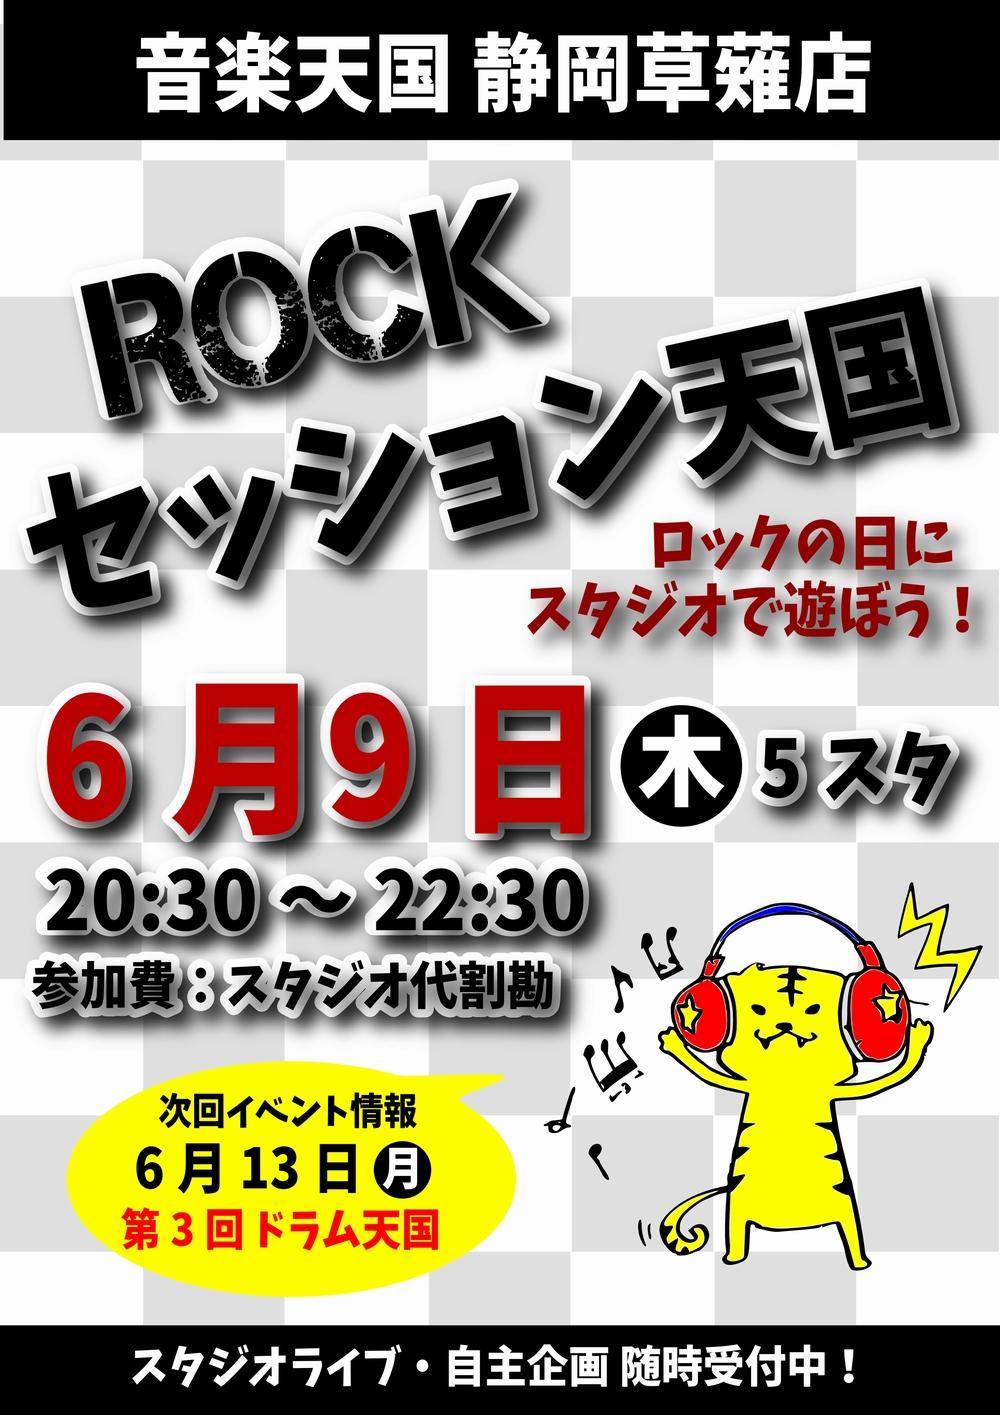 【ROCKセッション天国】音楽天国・静岡草薙店6月9日(木)開催